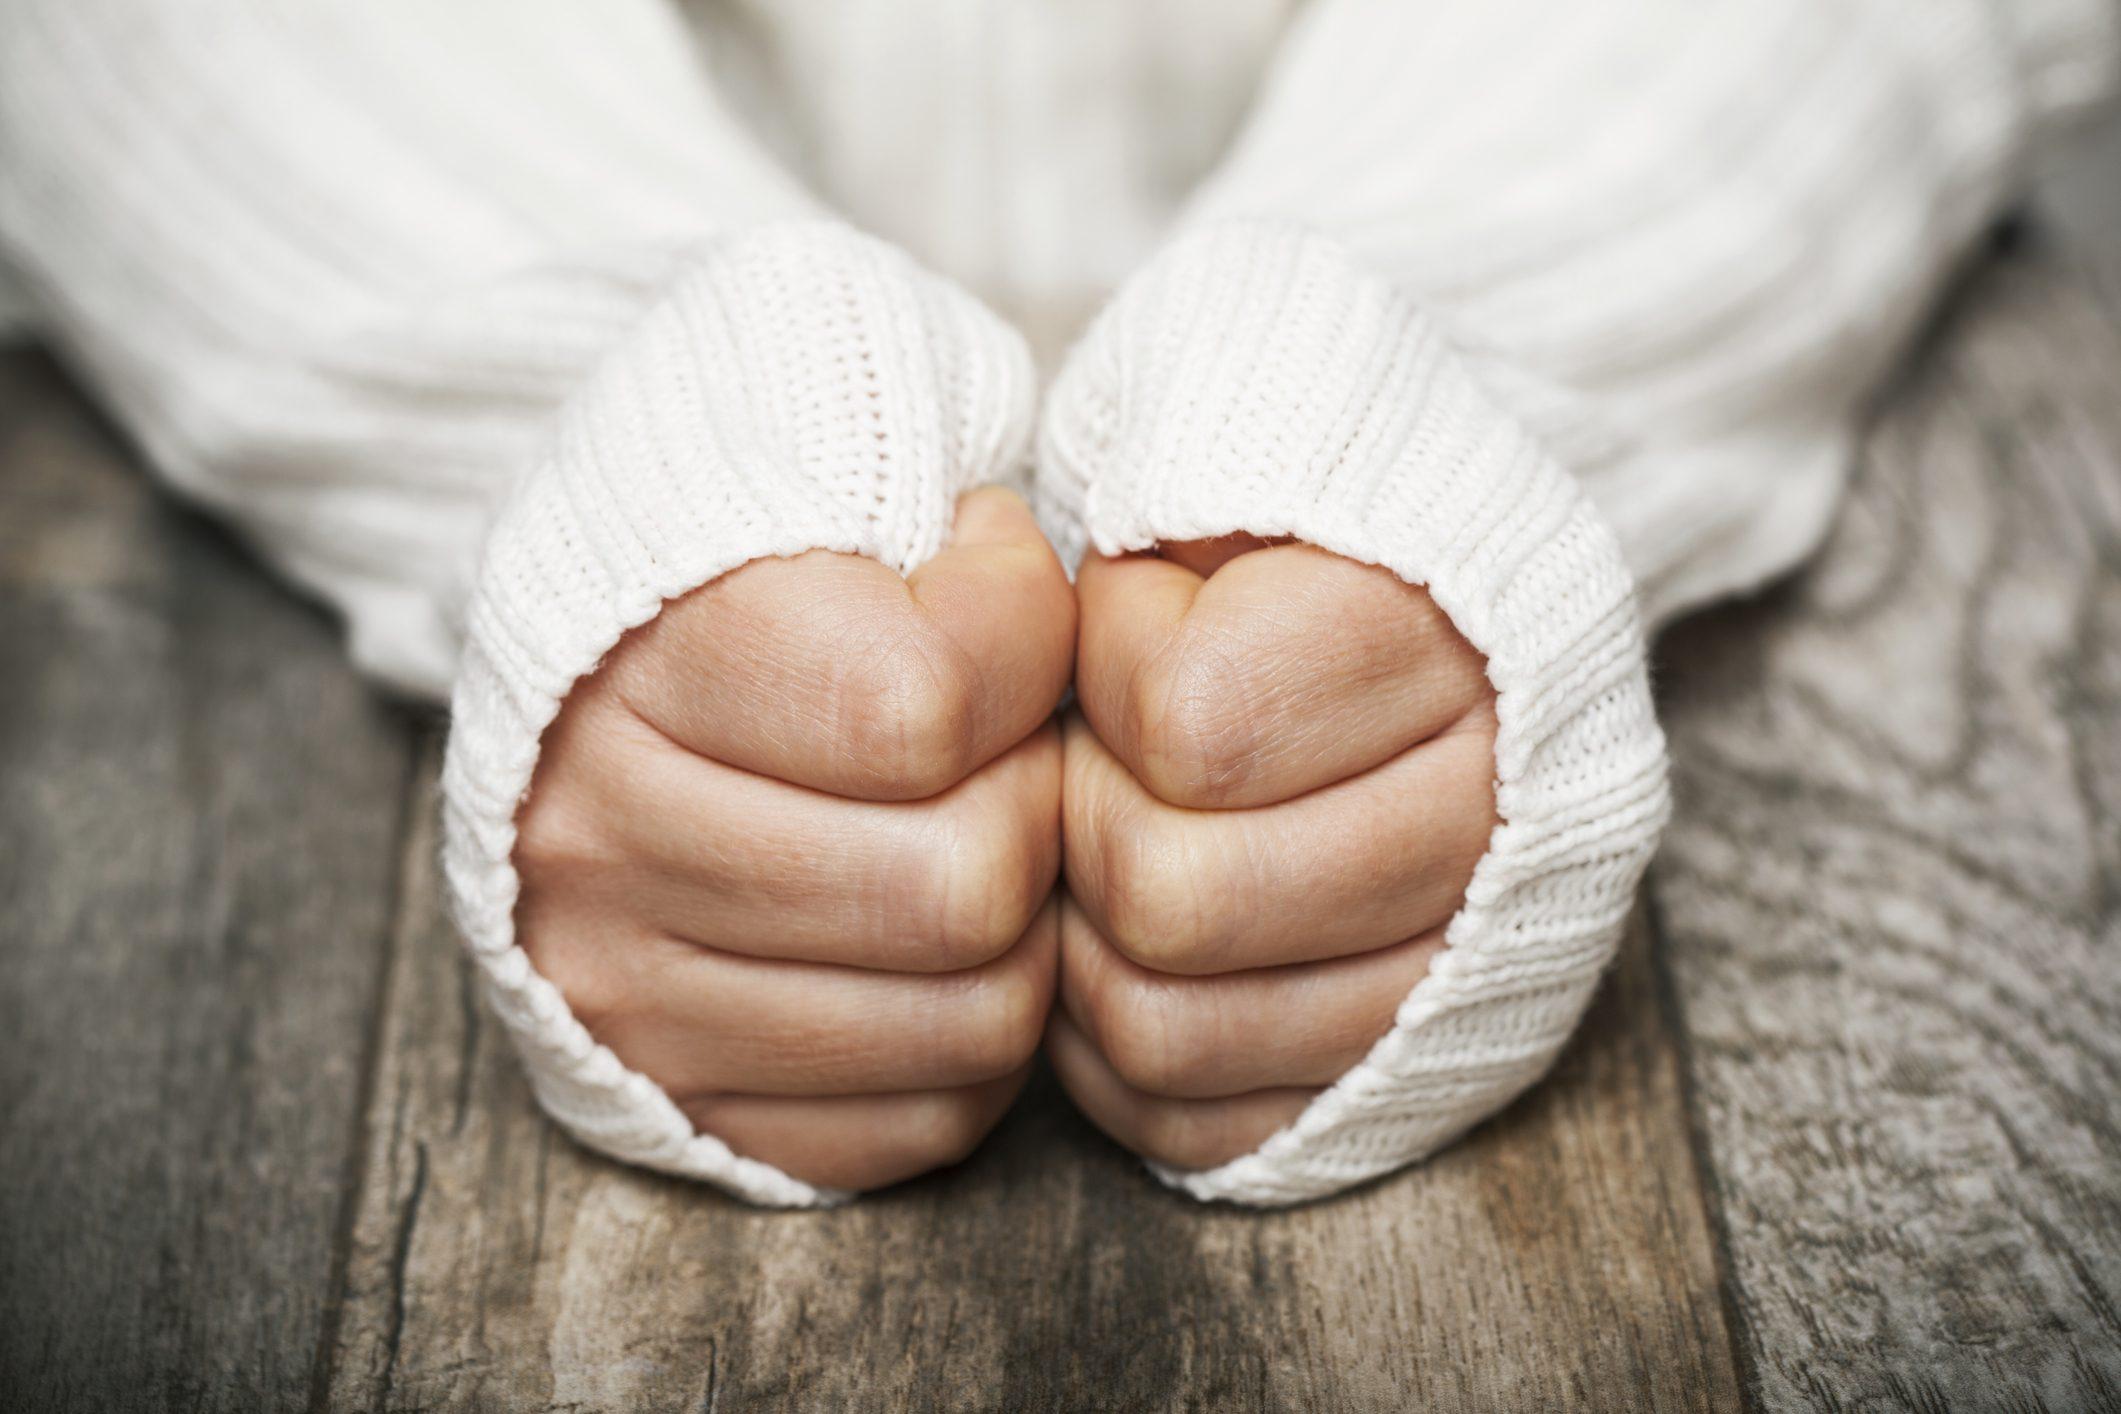 screpolature tra le dita delle mani